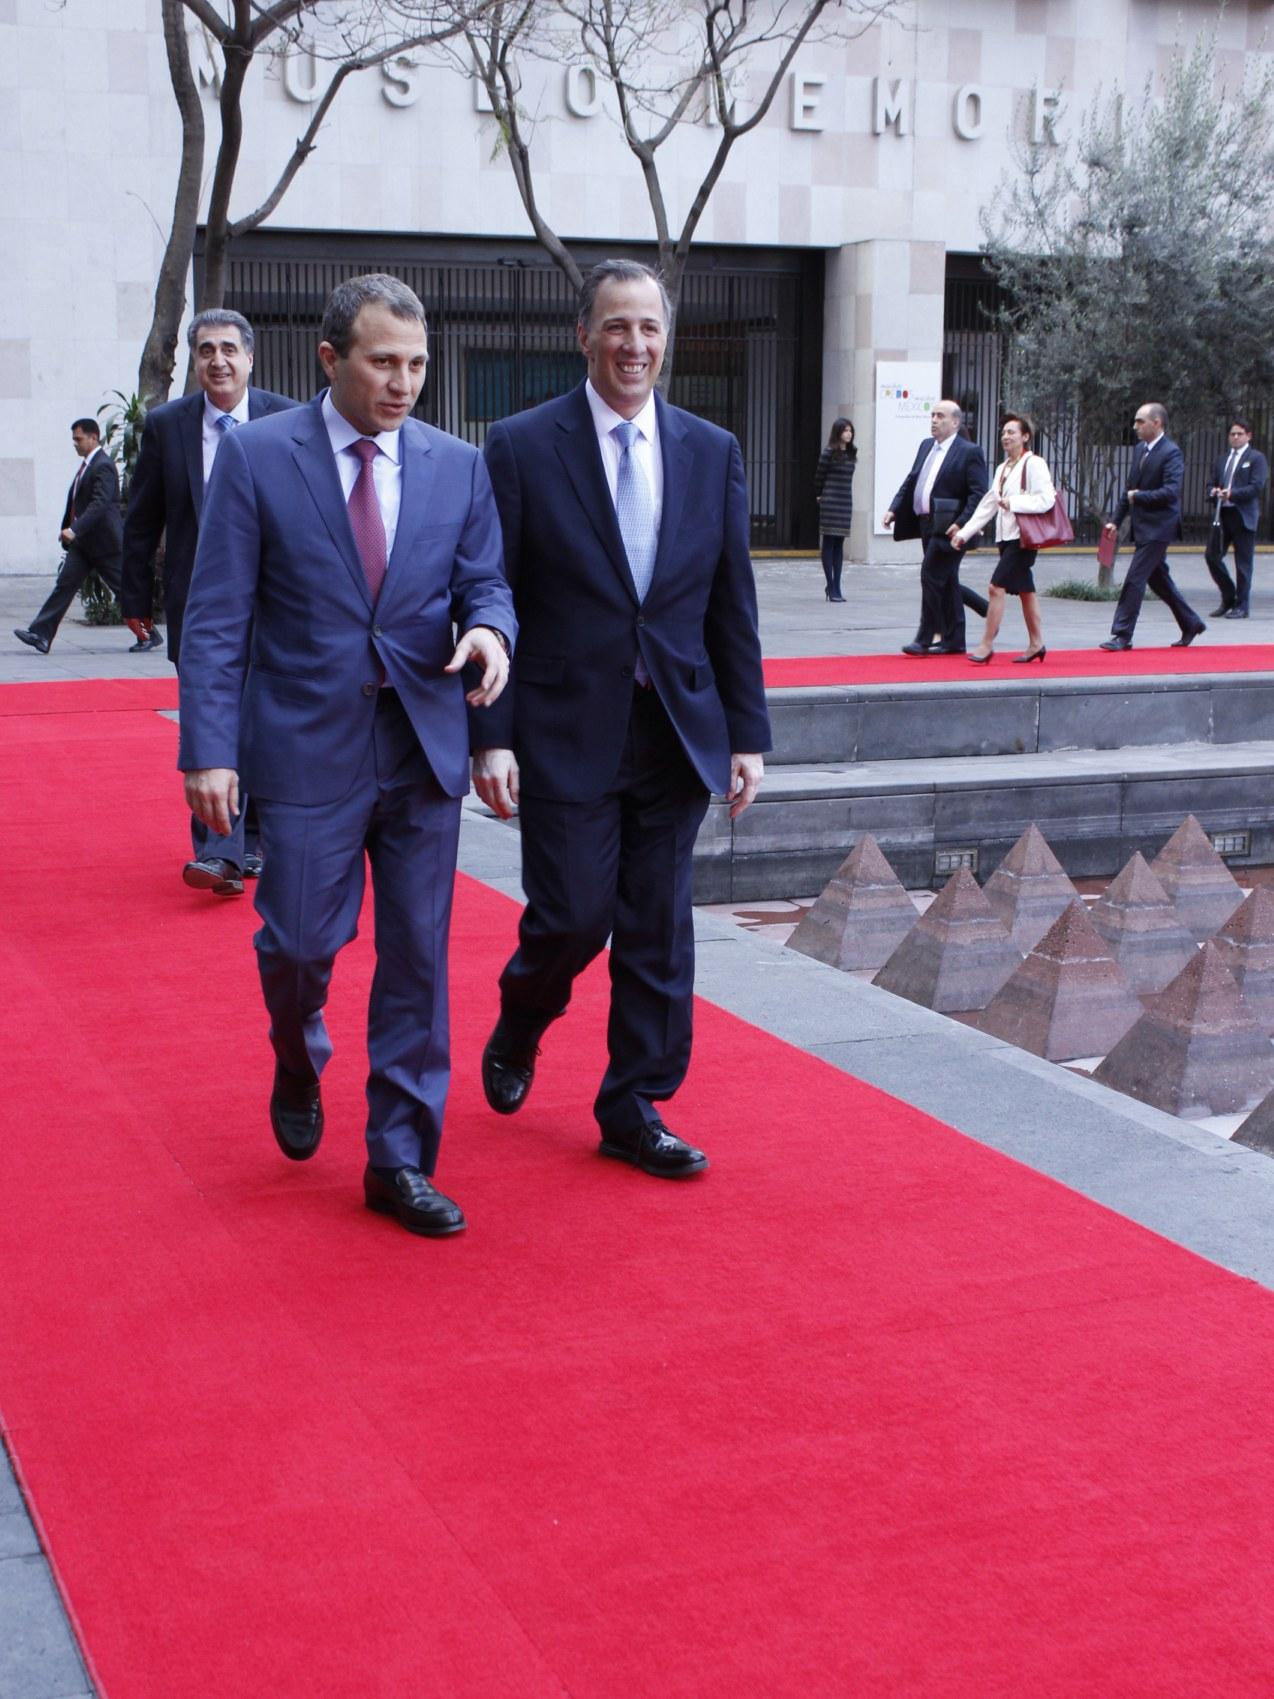 FOTO 1 El canciller Meade recibi  al ministro de Relaciones Exteriores y de Emigrantes de L bano  Gebran Bassiljpg